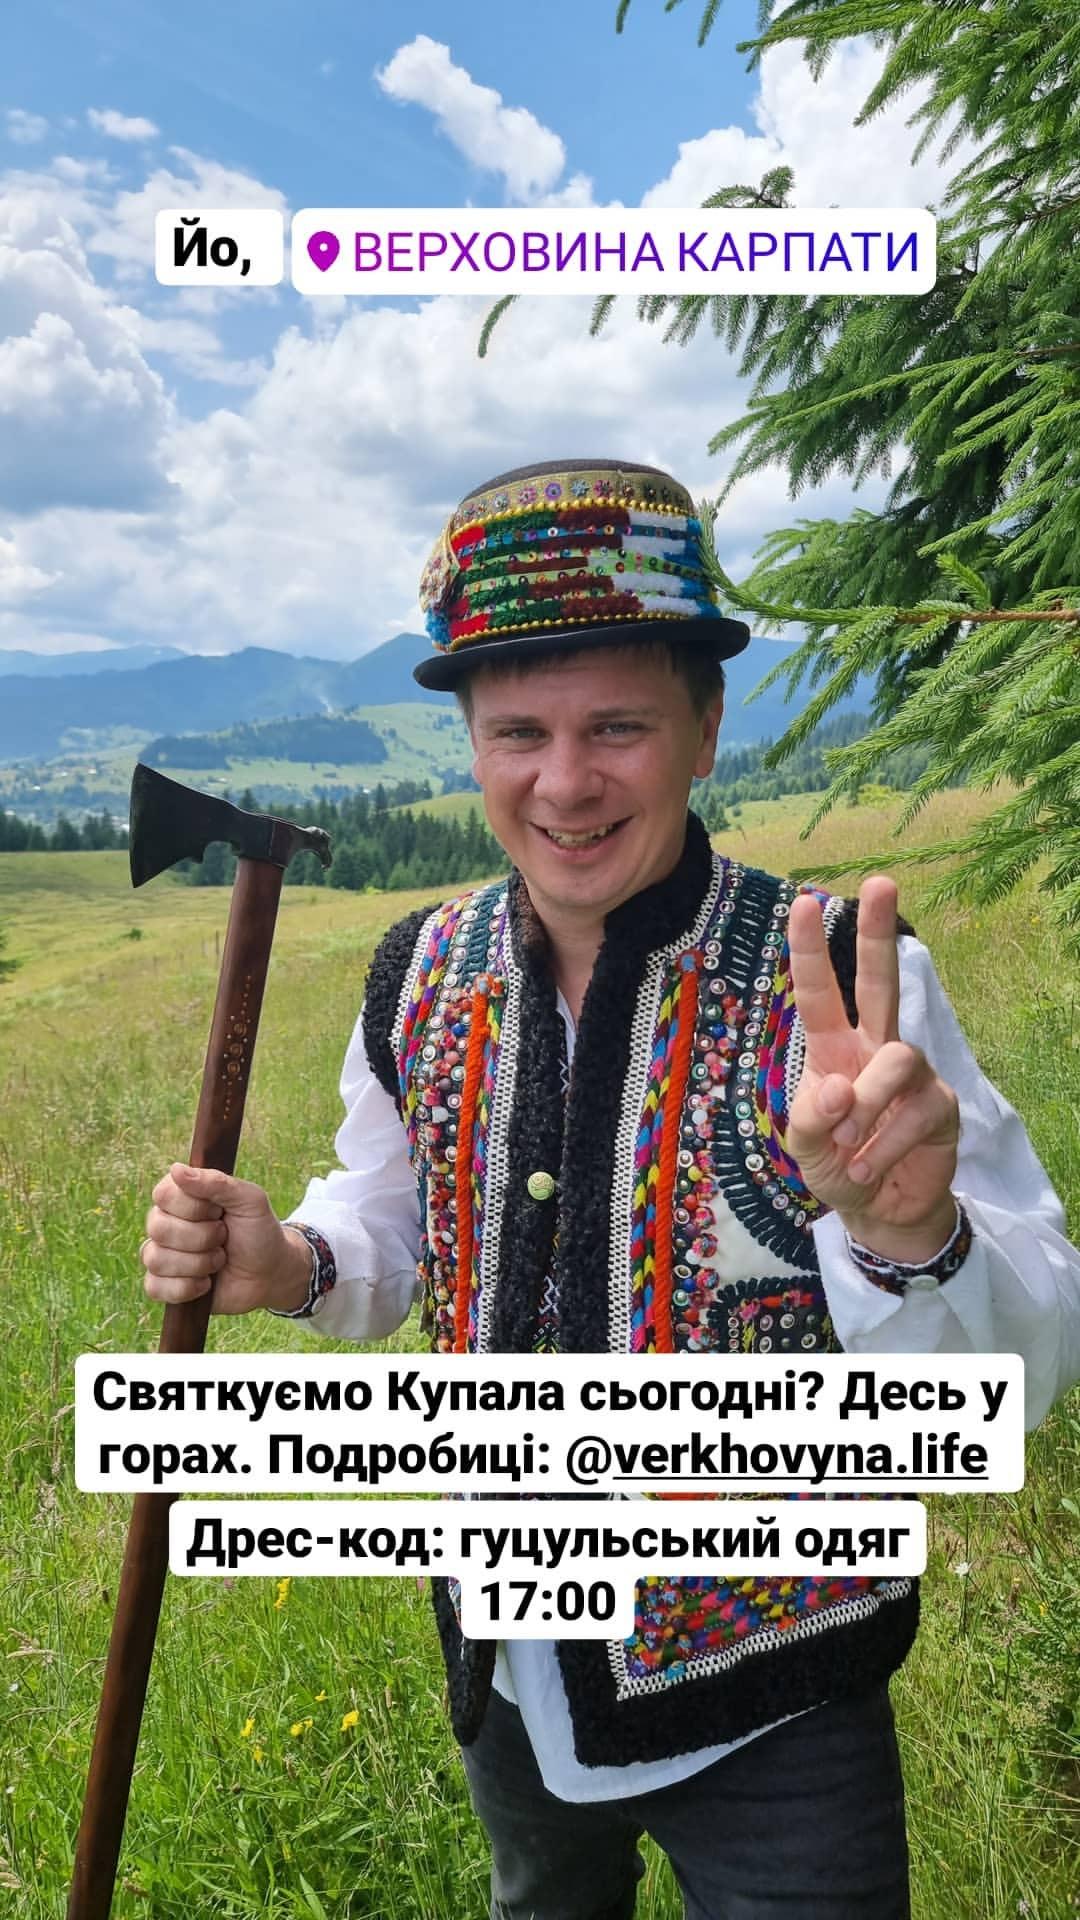 дмитрий комаров ивана купала карпаты украина путешествие куда поехать